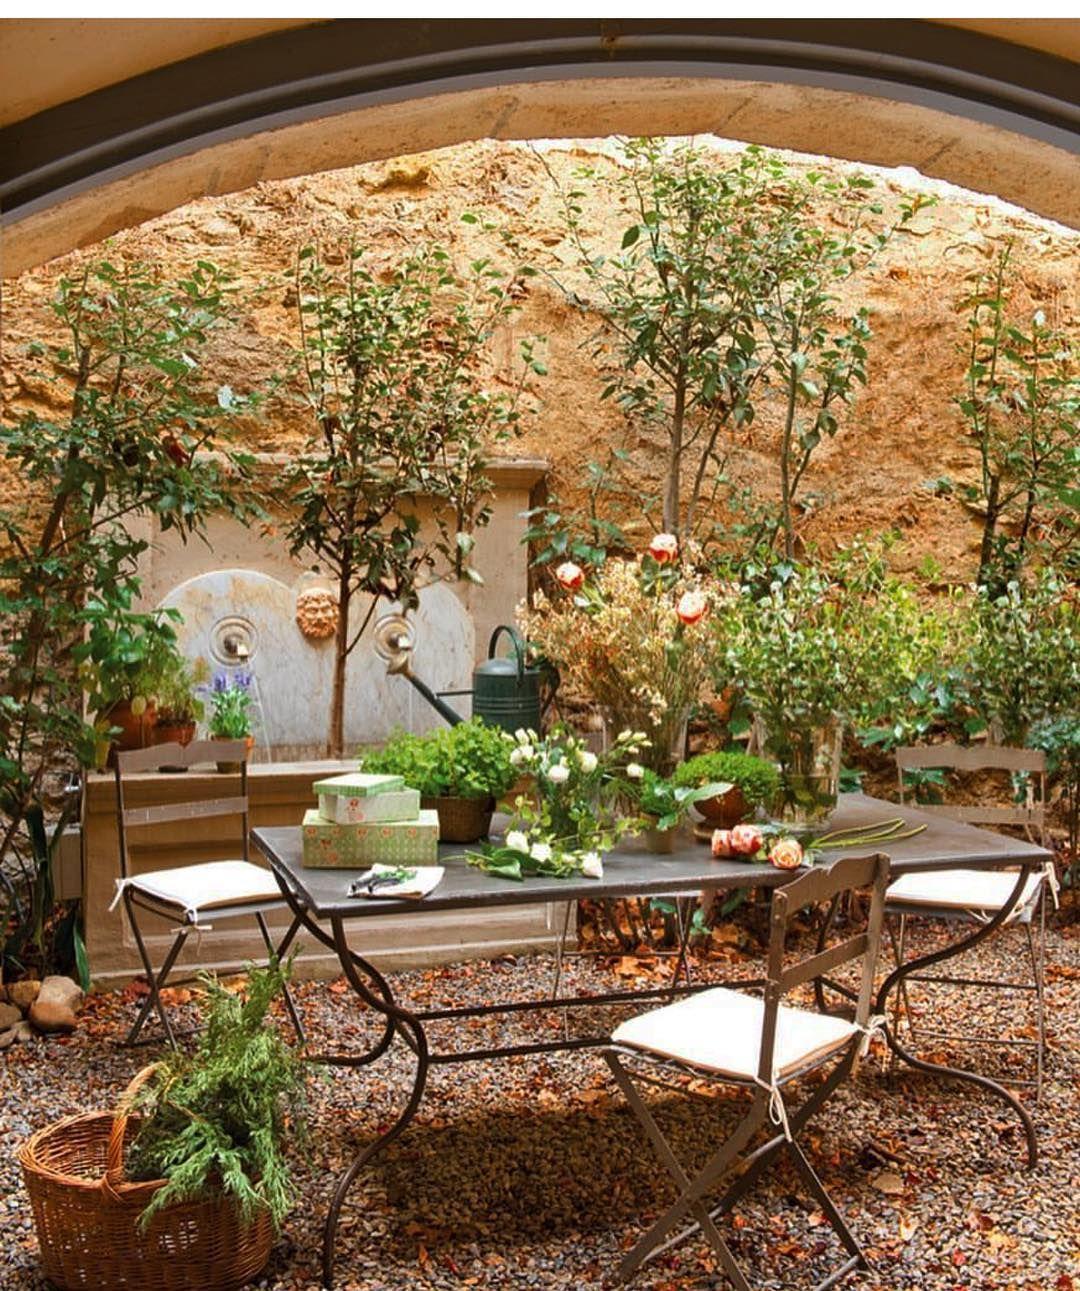 Bom Domingo Novarquiteta Inspiracao Inspiracao Inspiracaonovarquiteta Outdoor Rooms Outdoor Gardens Patio